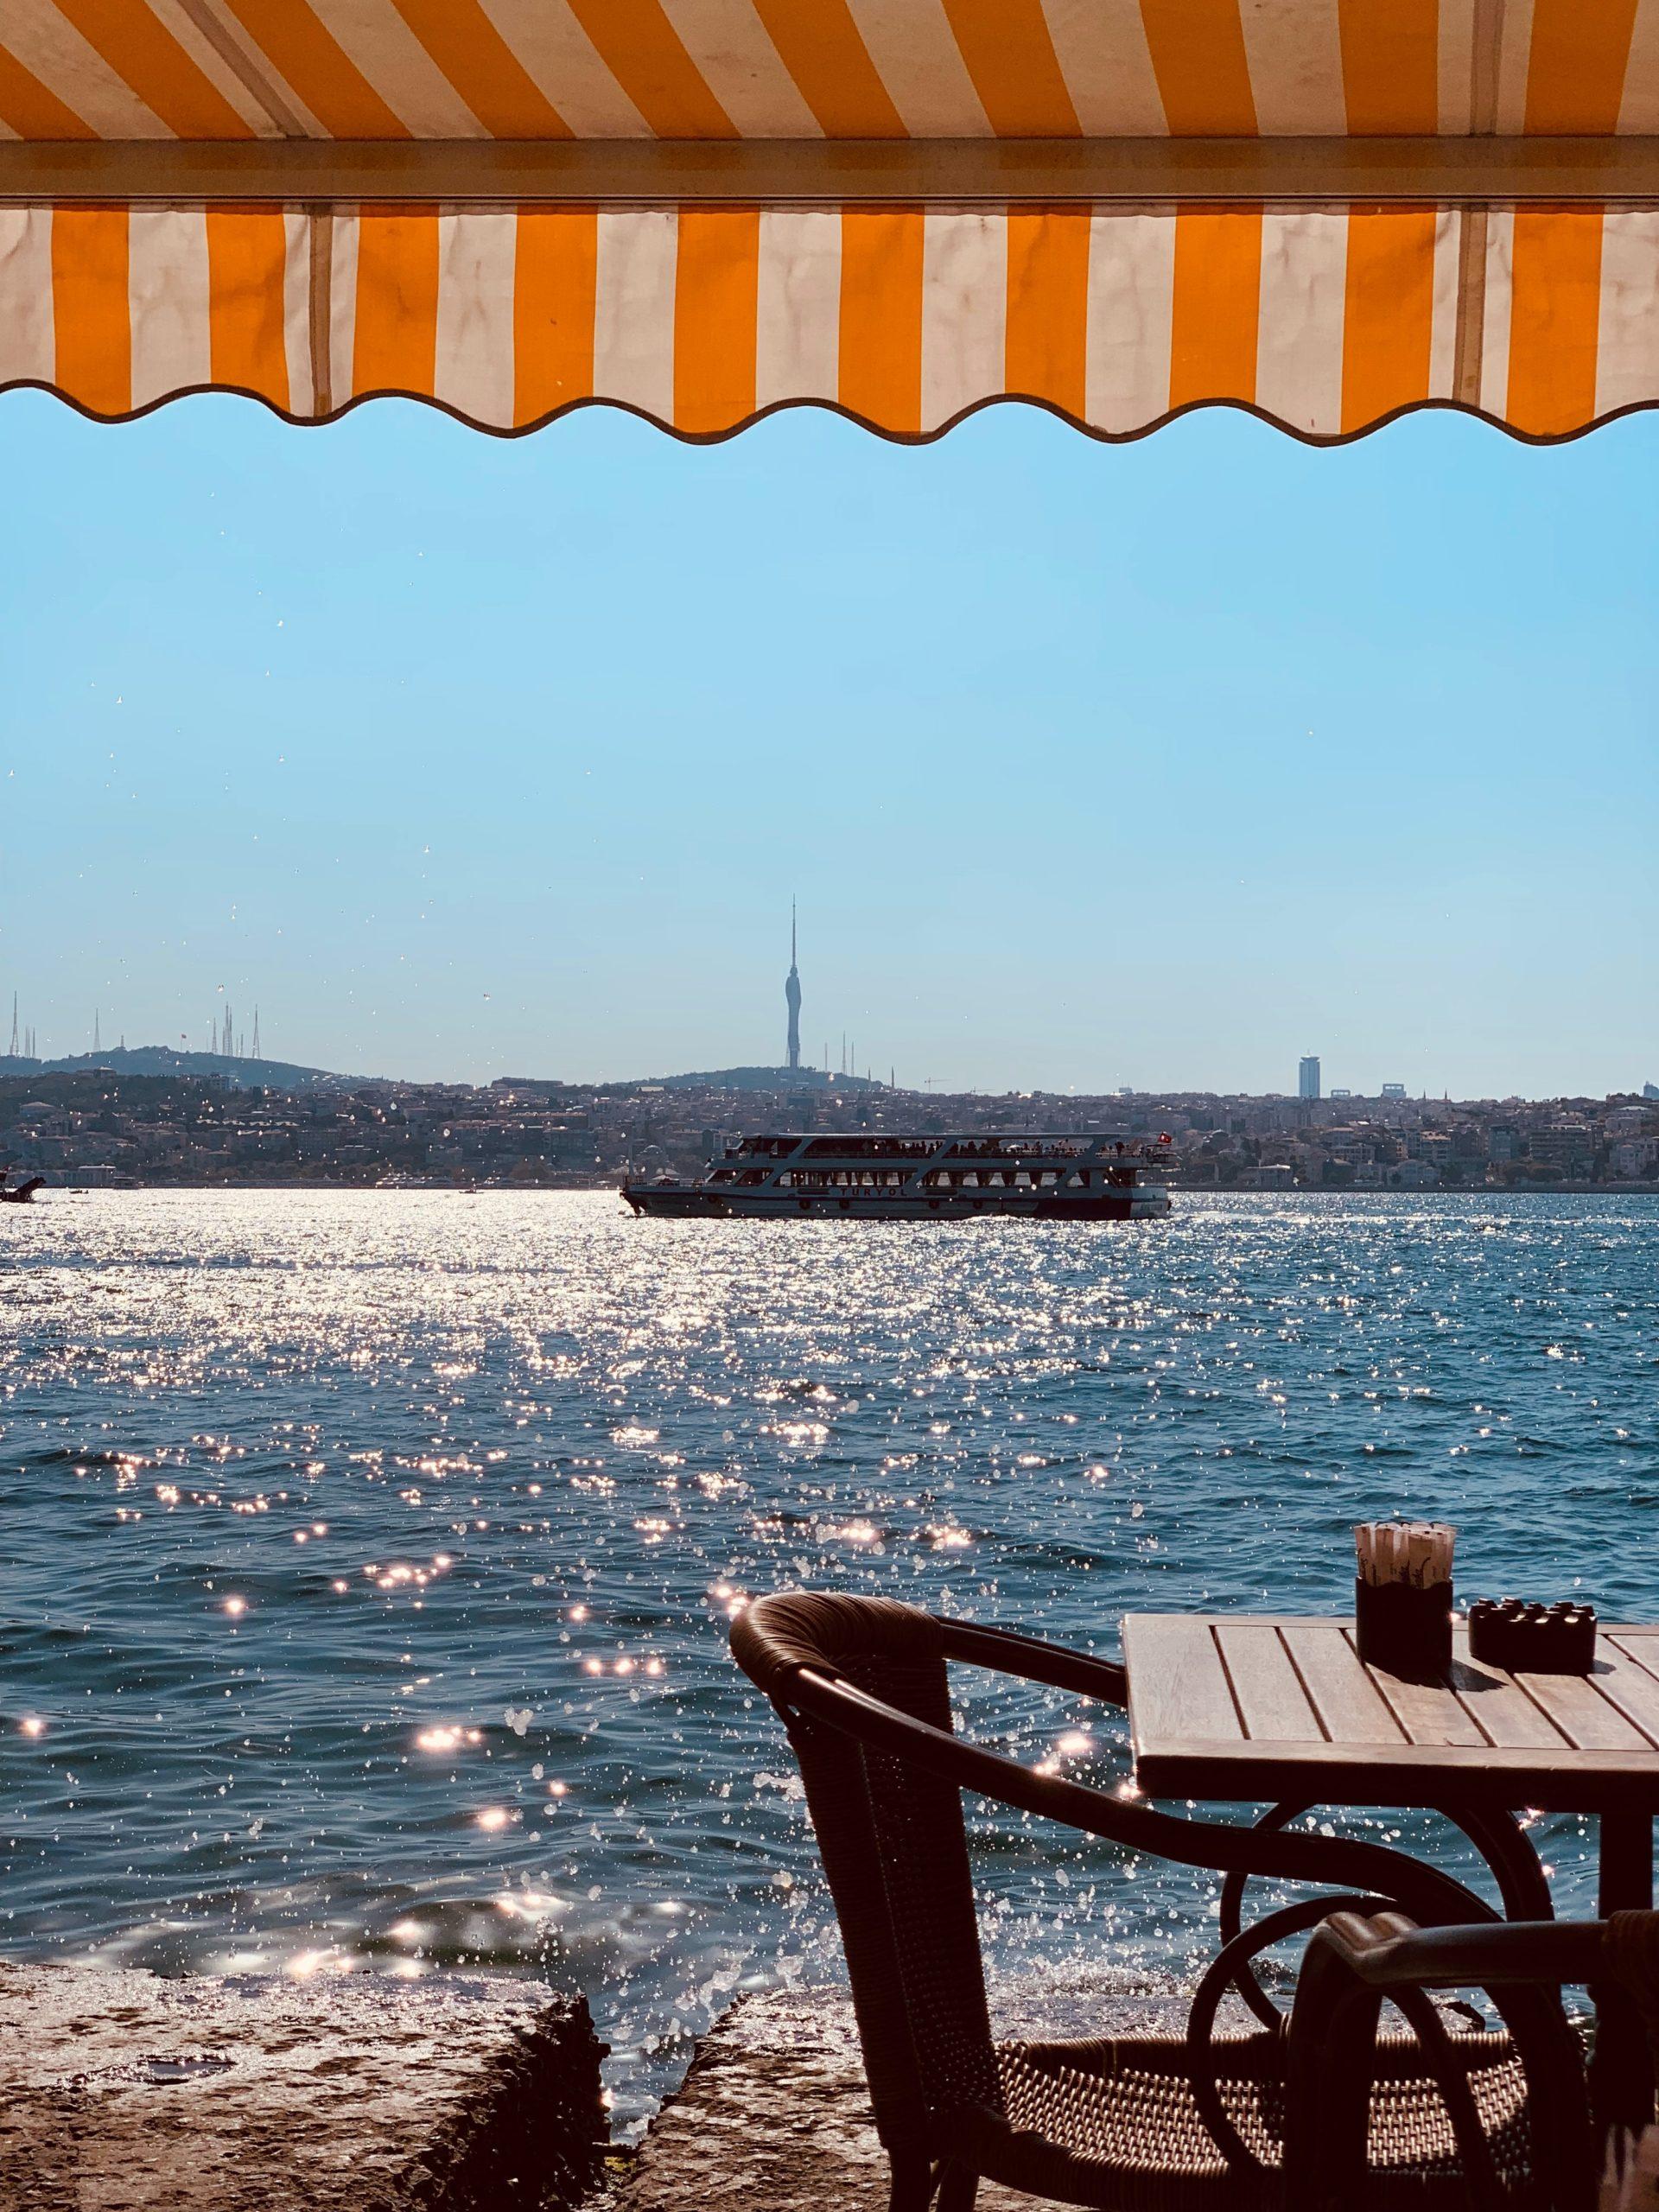 Toldos Para Negocios Playa Estambul